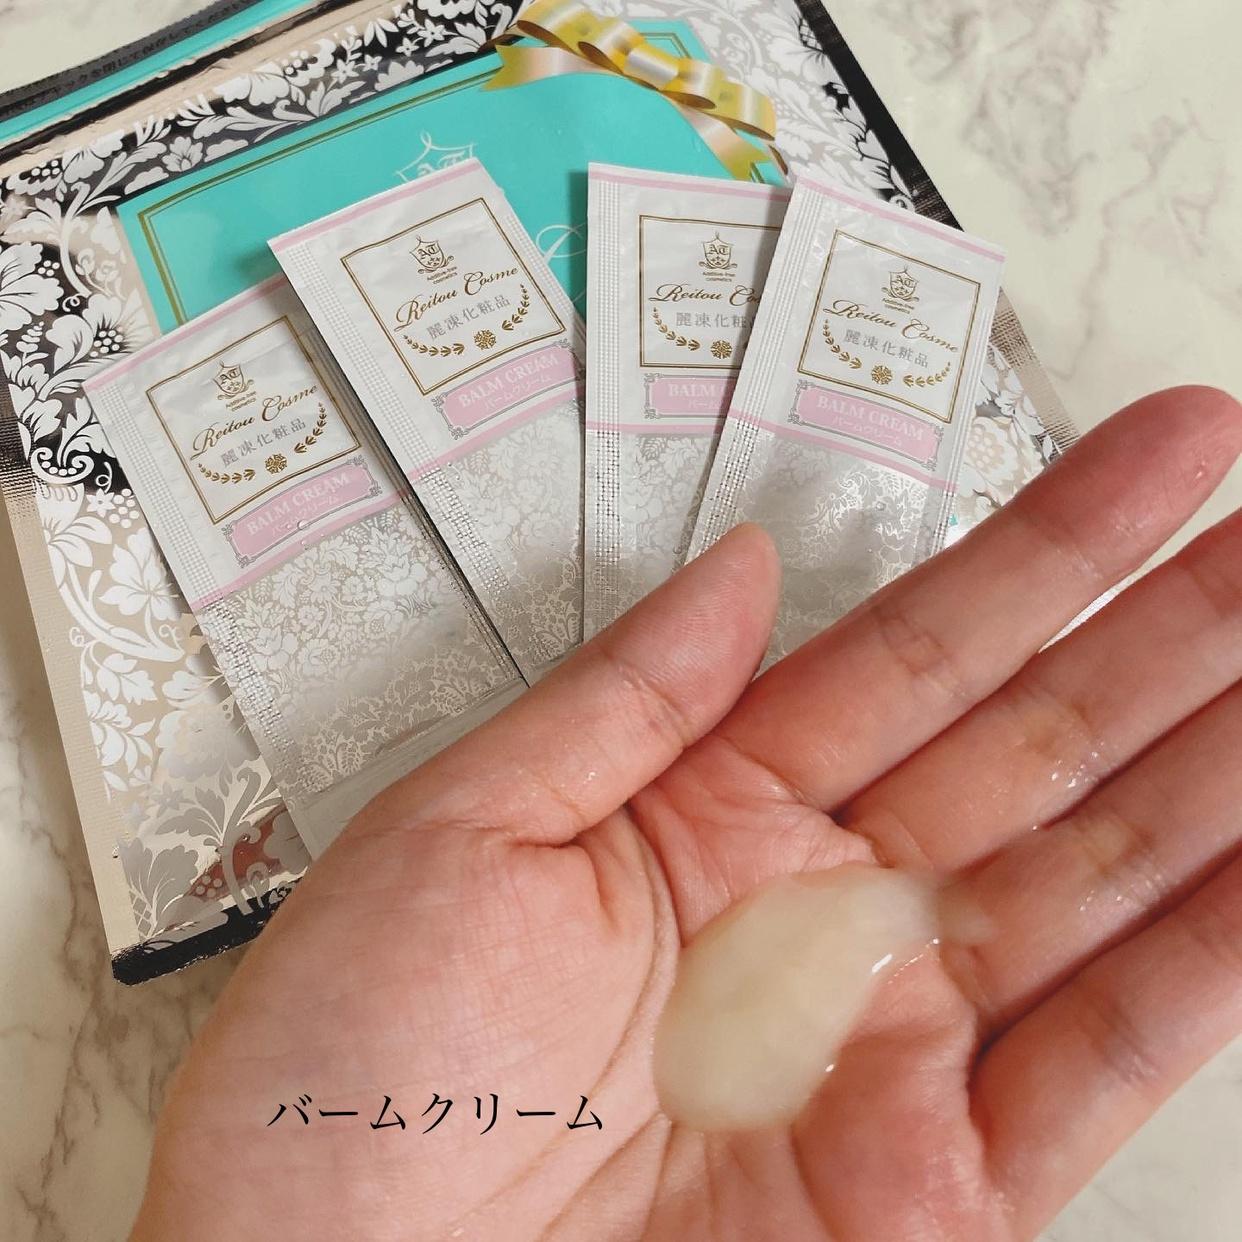 麗凍化粧品(Reitou Cosme) トライアルセットを使ったちーこすさんのクチコミ画像3